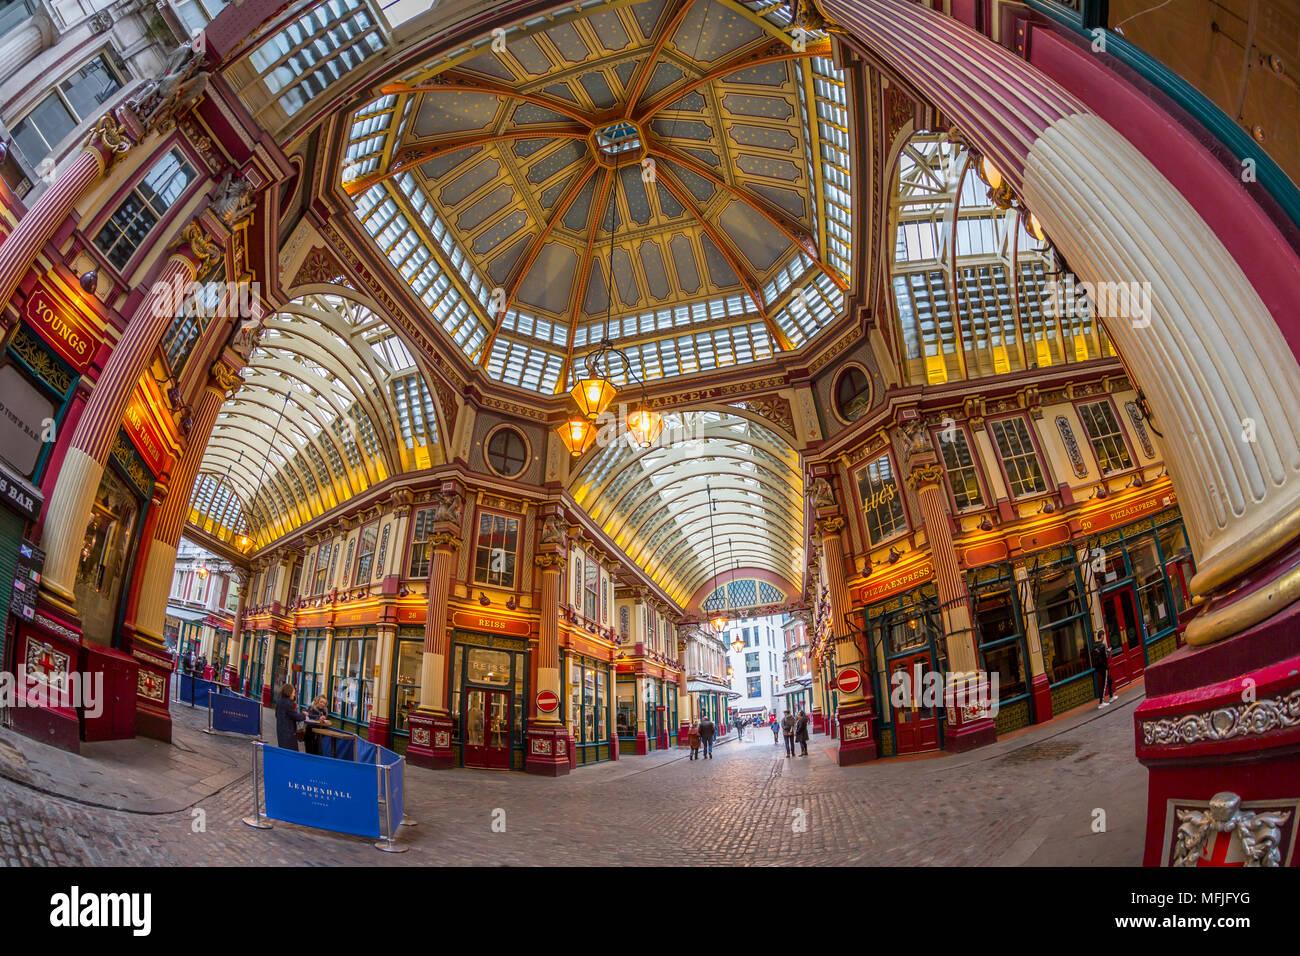 Fischaugenobjektiv Interieur des Leadenhall Market, die Stadt, London, England, Vereinigtes Königreich, Europa Stockbild